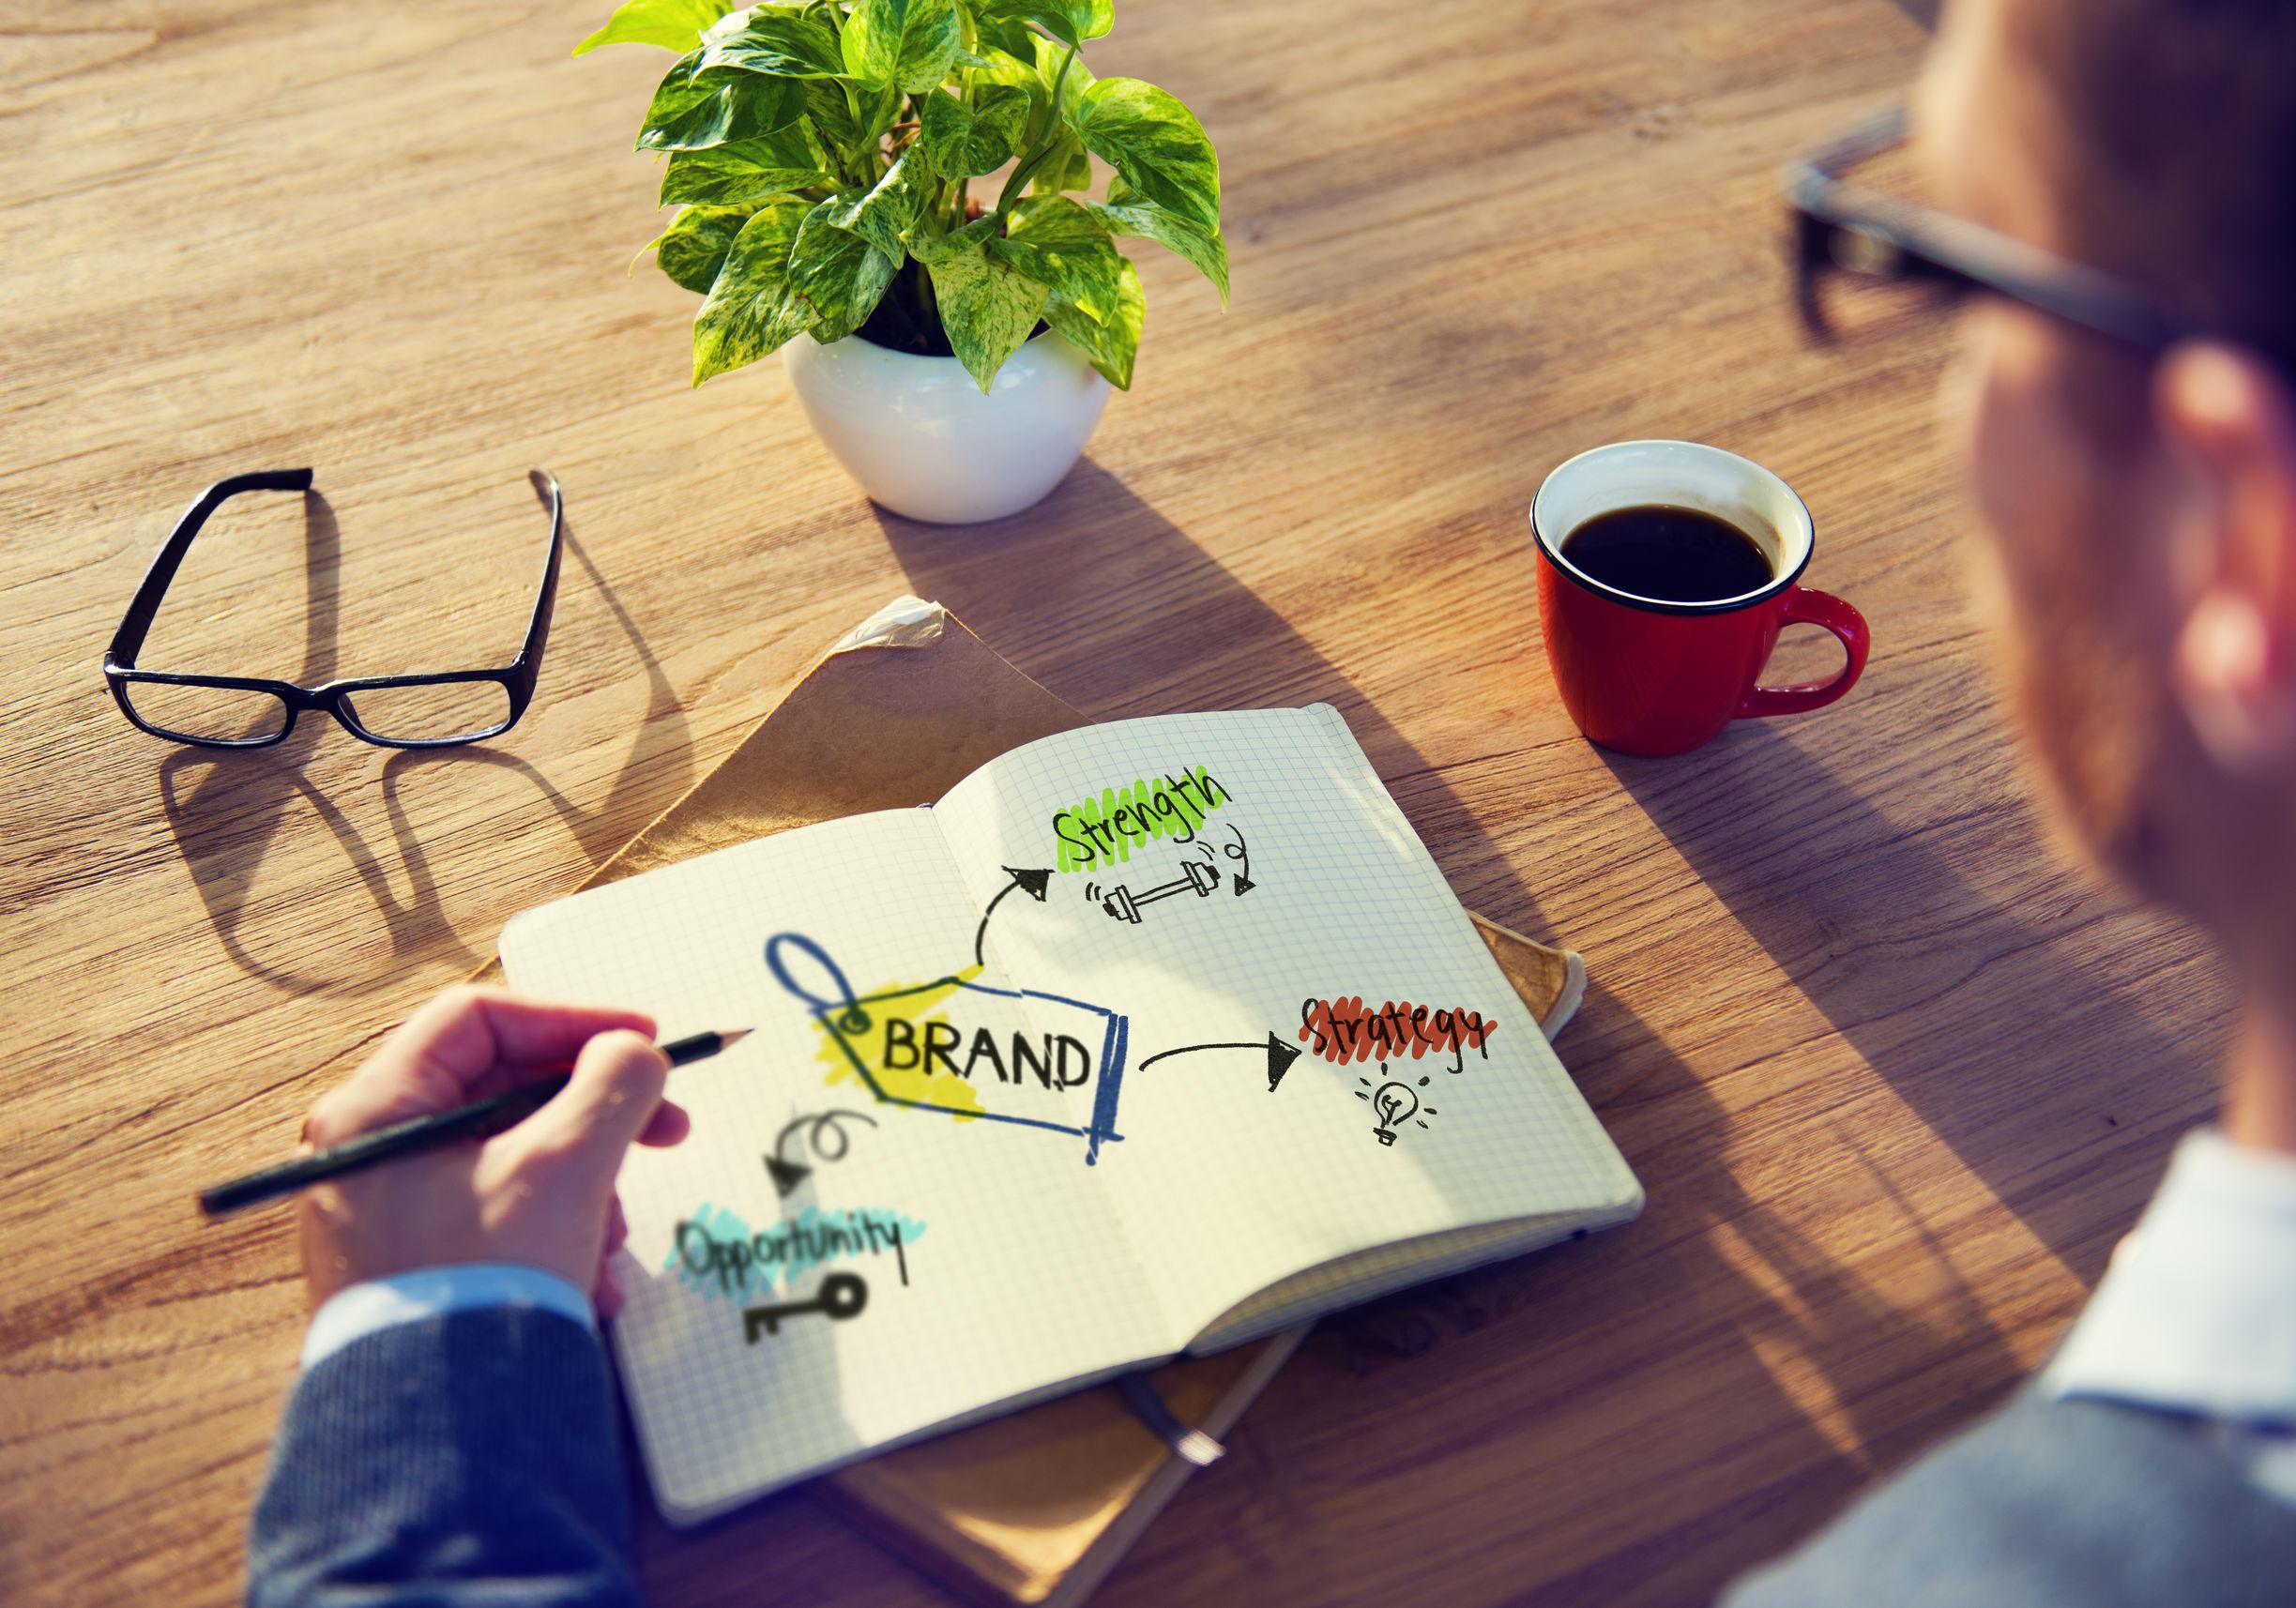 13 soluções de Branding: Veja como investir na gestão de sua marca ajuda sua empresa a crescer.